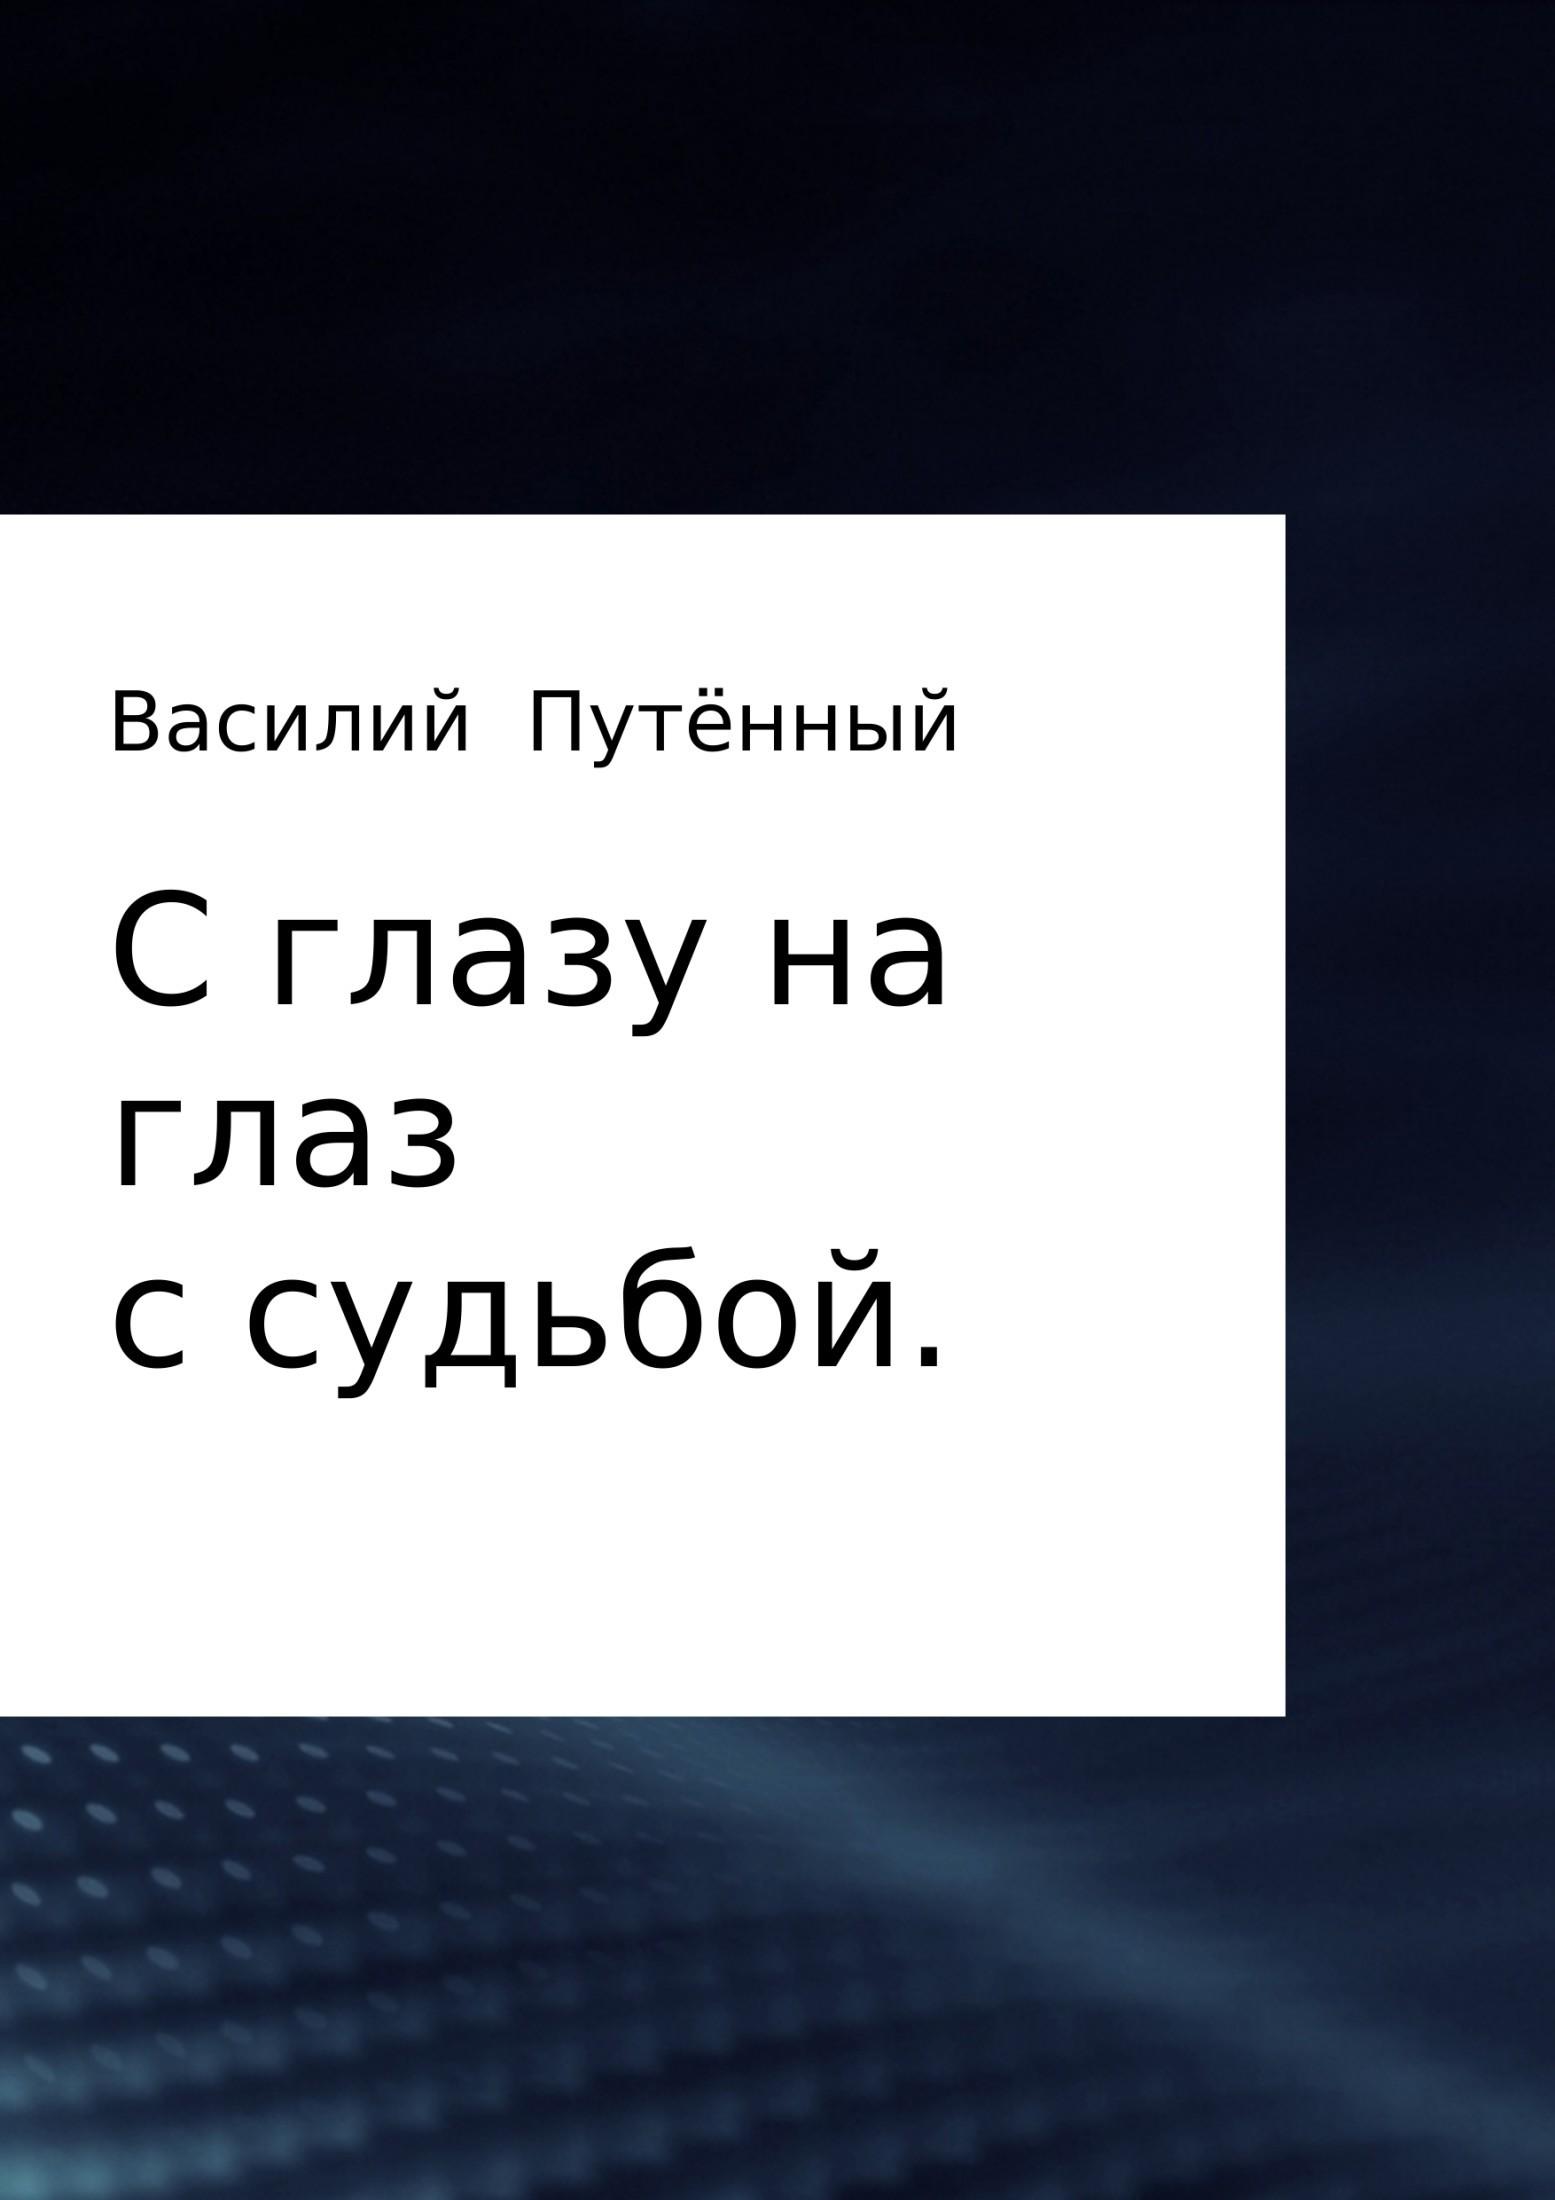 Василий Путённый - С глазу на глаз с судьбой